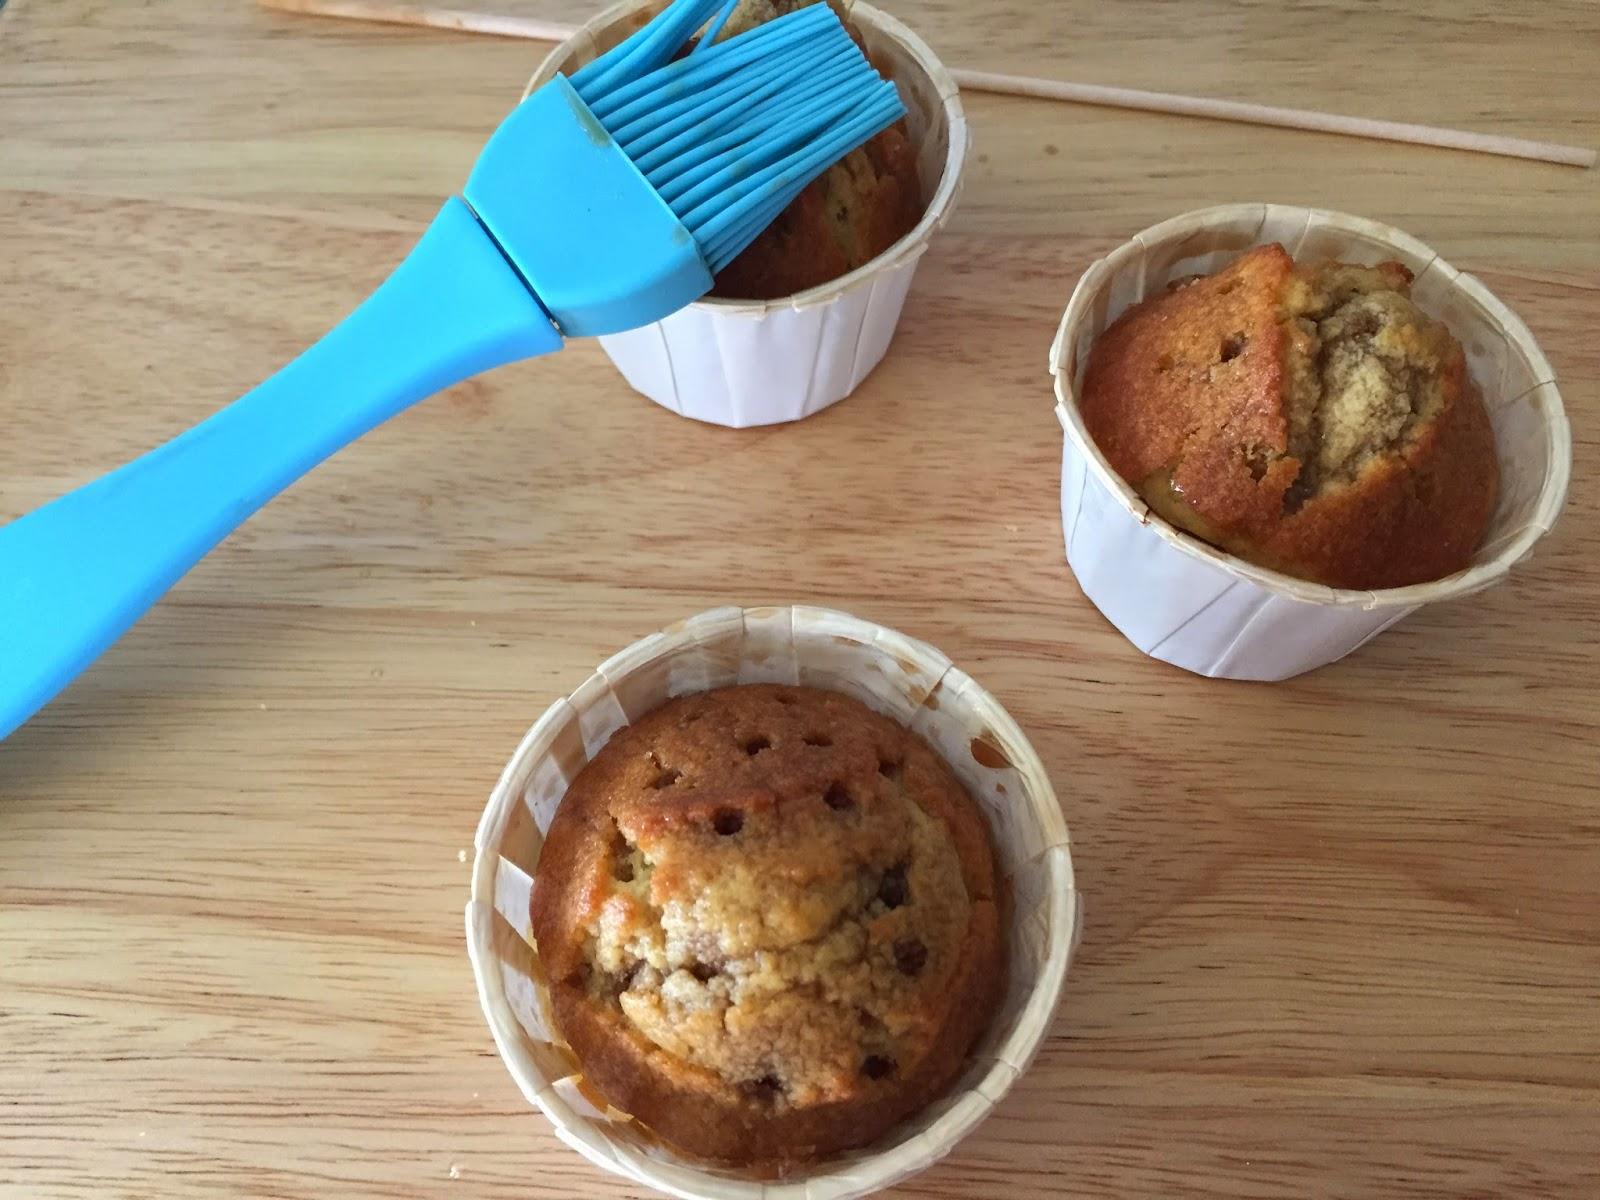 Cupcakes de crema de orujo y Capuccino, bañando los cupcakes.